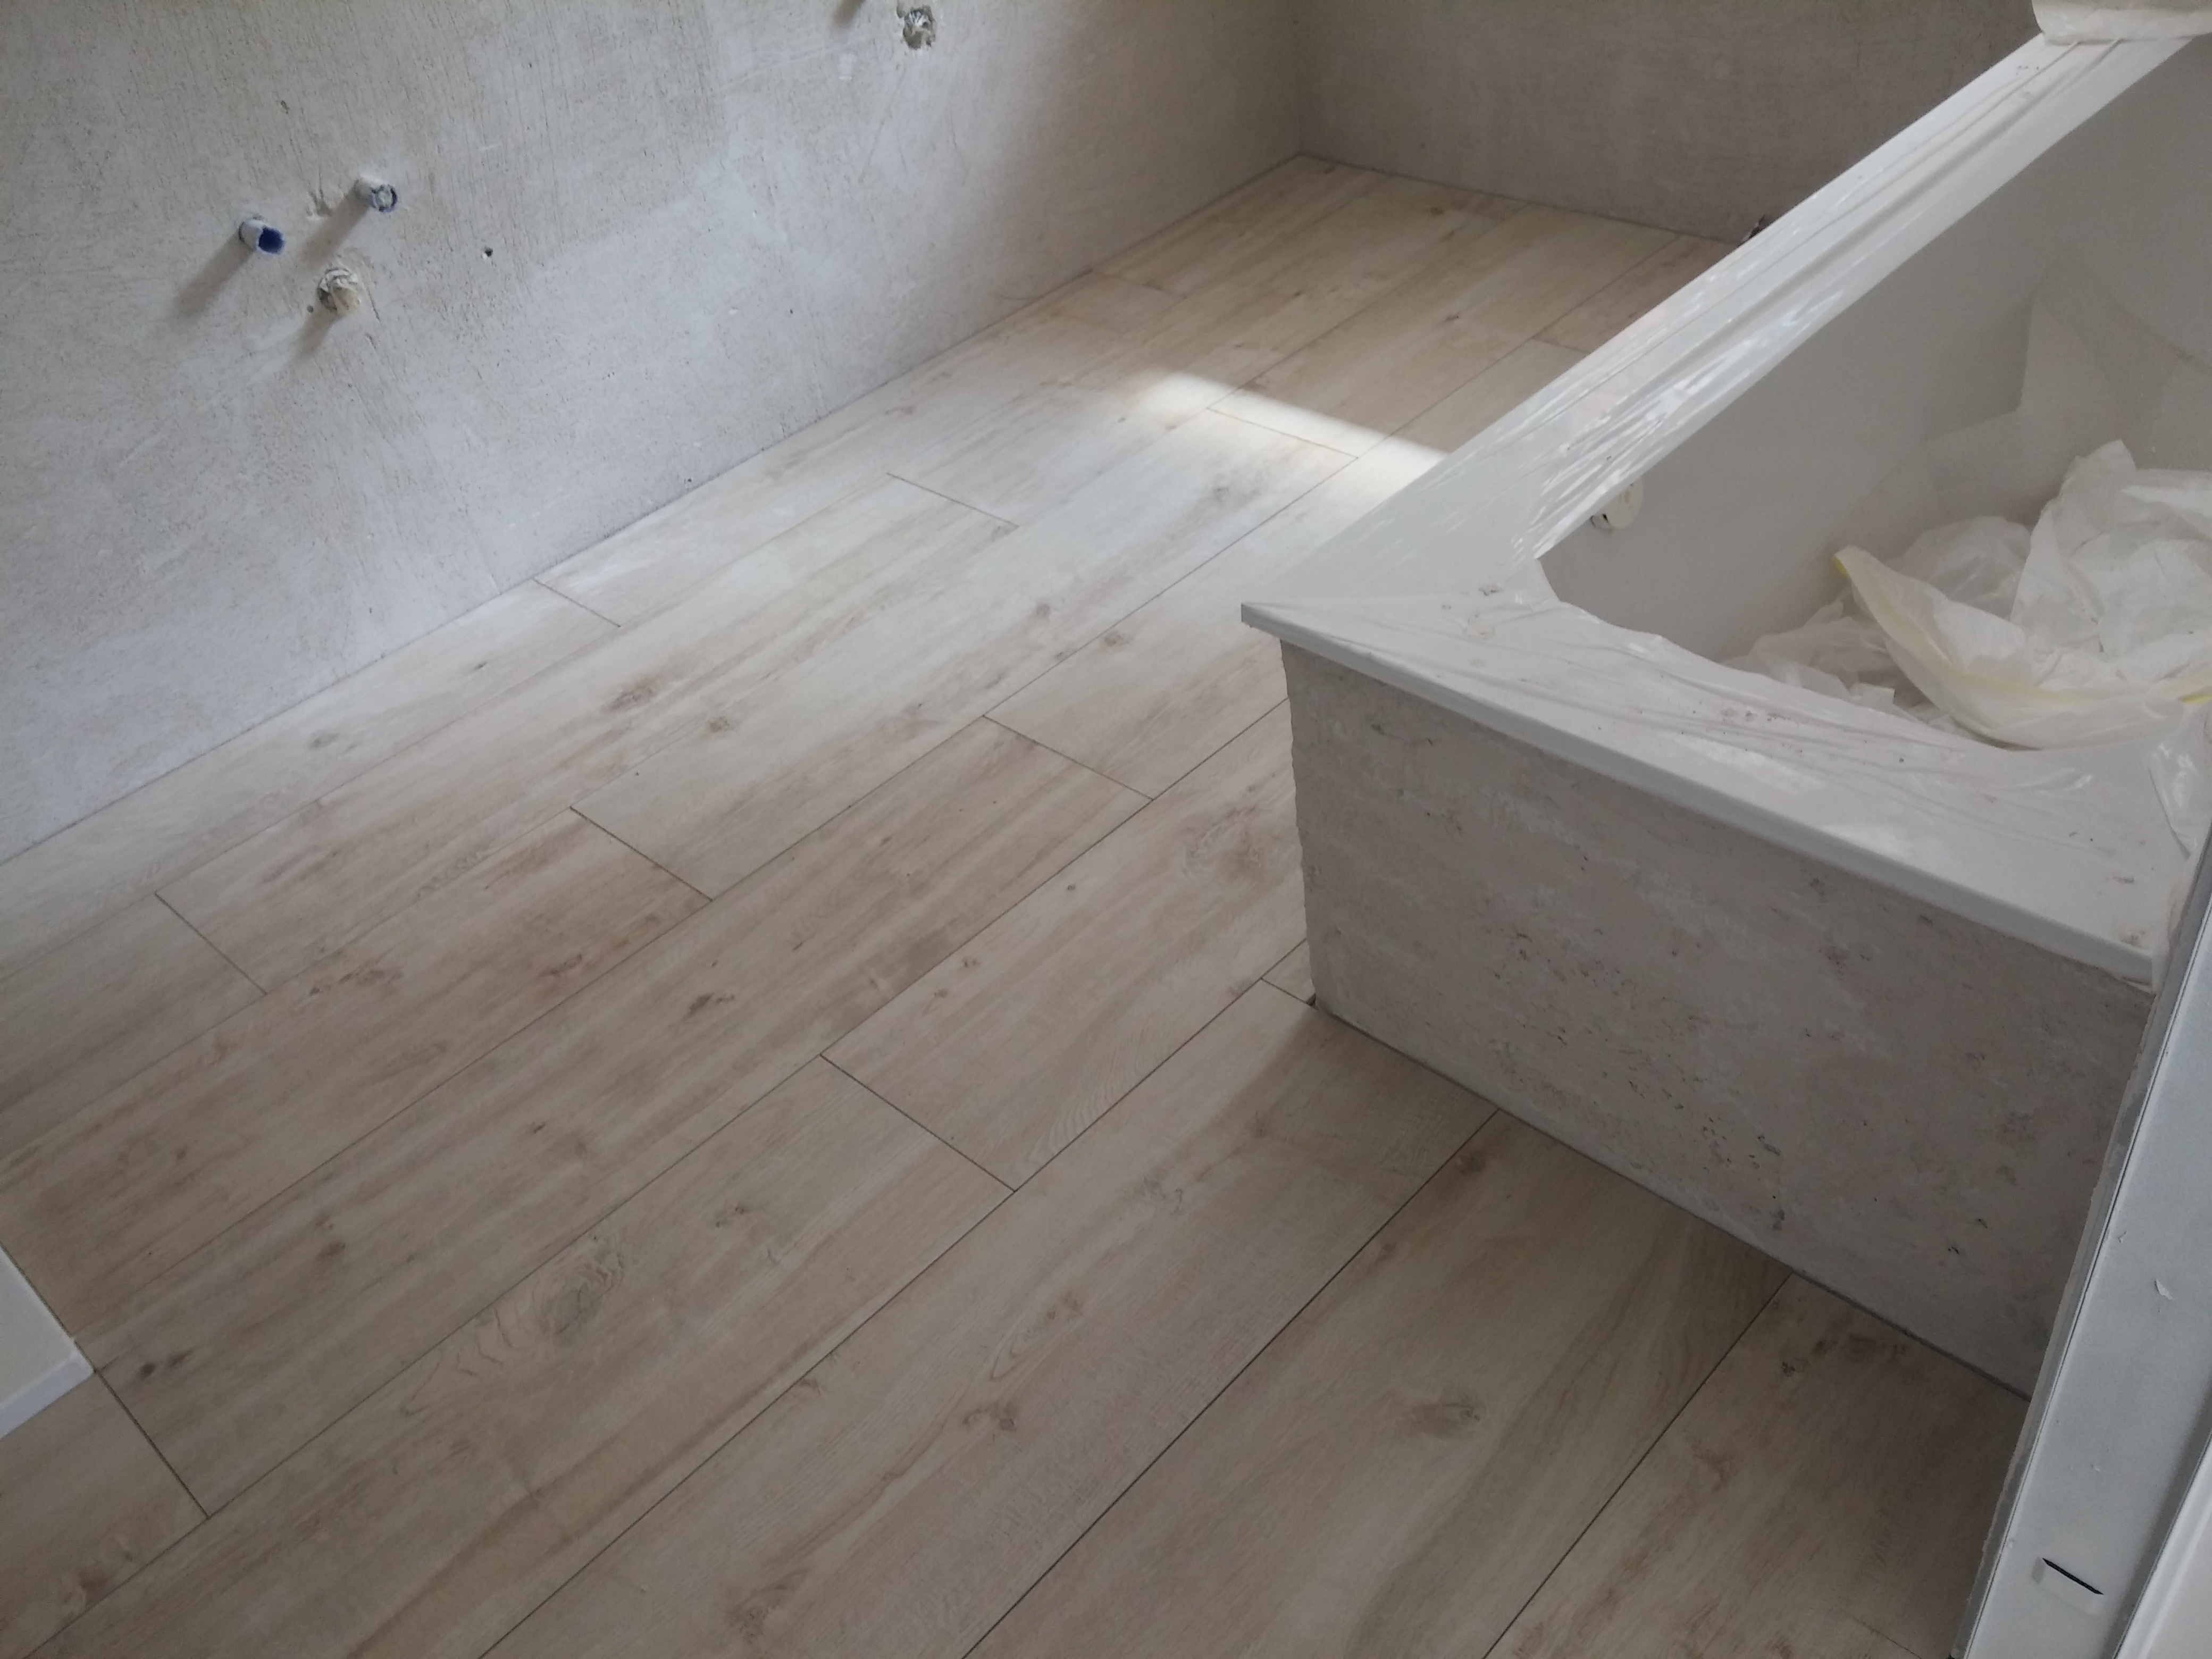 Pavimento in gres effetto legno pavimento effetto legno - Piastrelle bagno legno ...